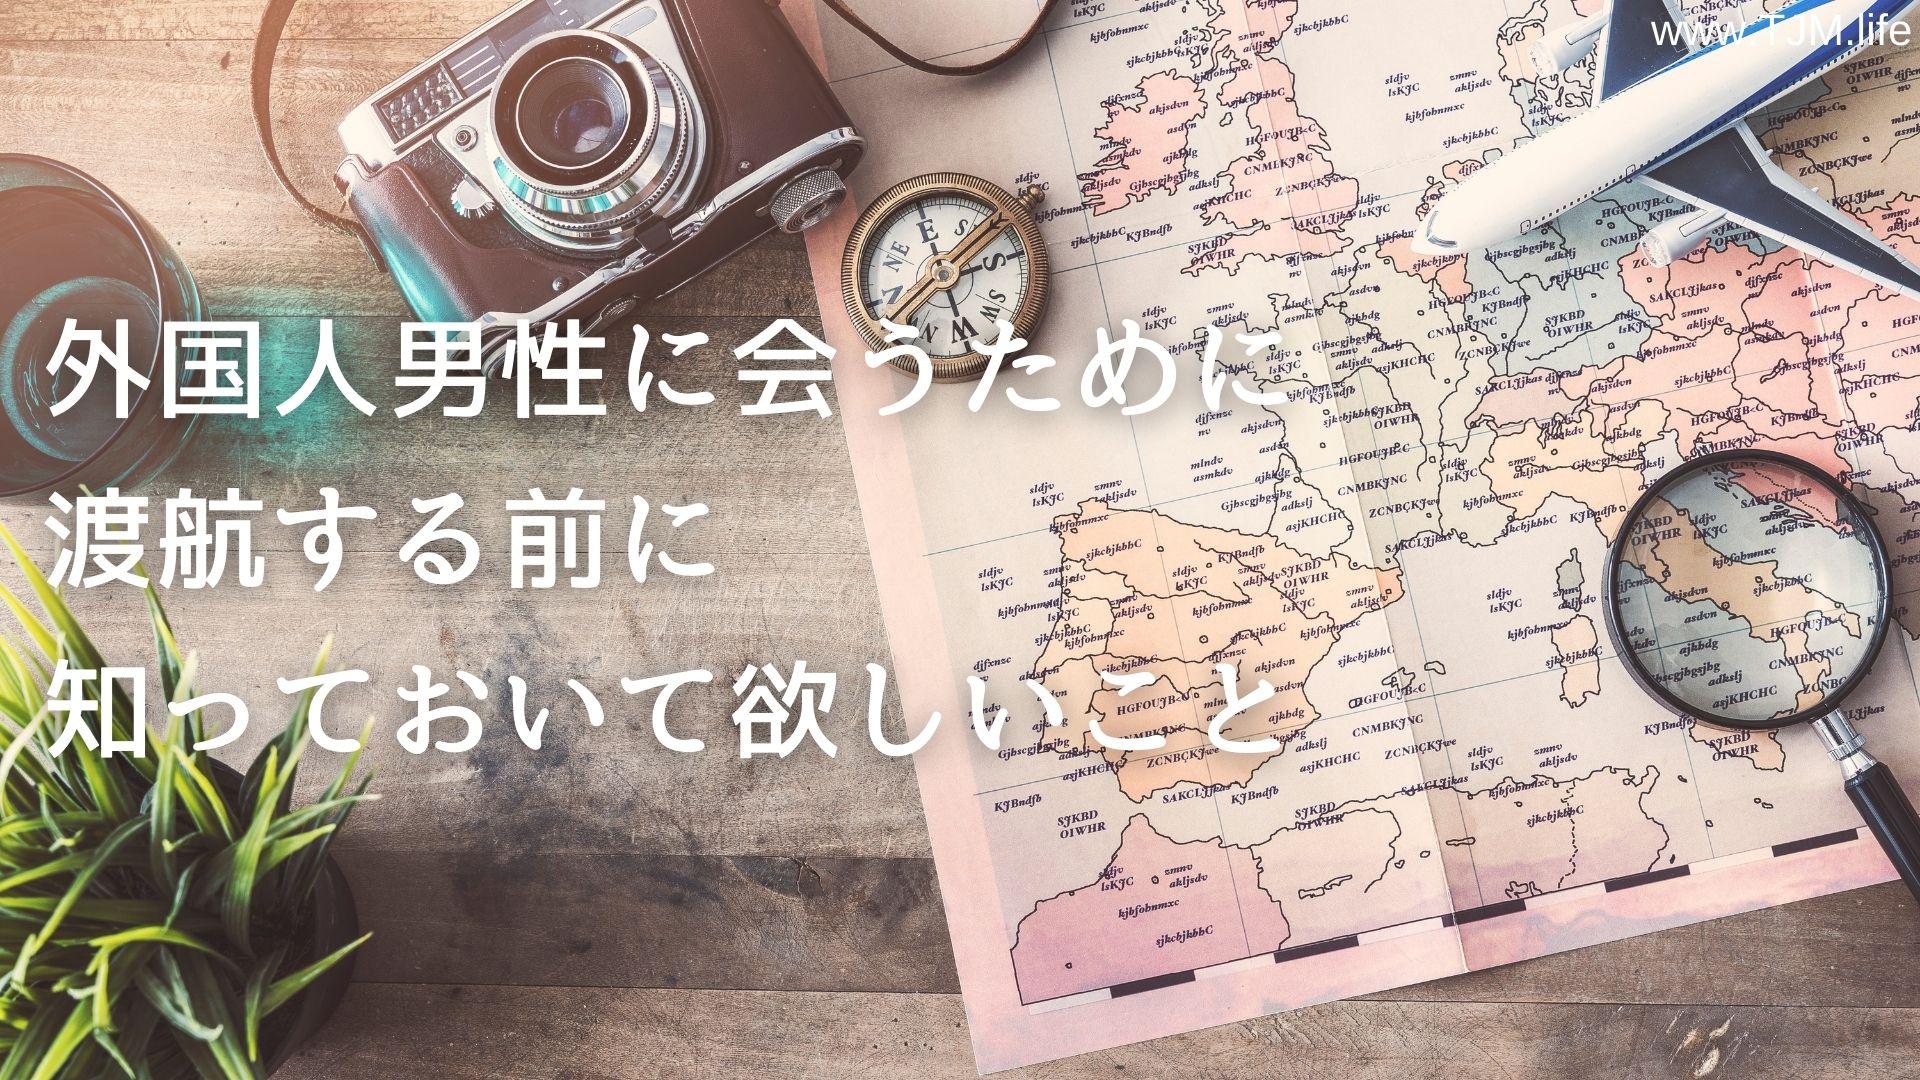 外国人男性に会うために渡航する前に 知っておいて欲しいこと